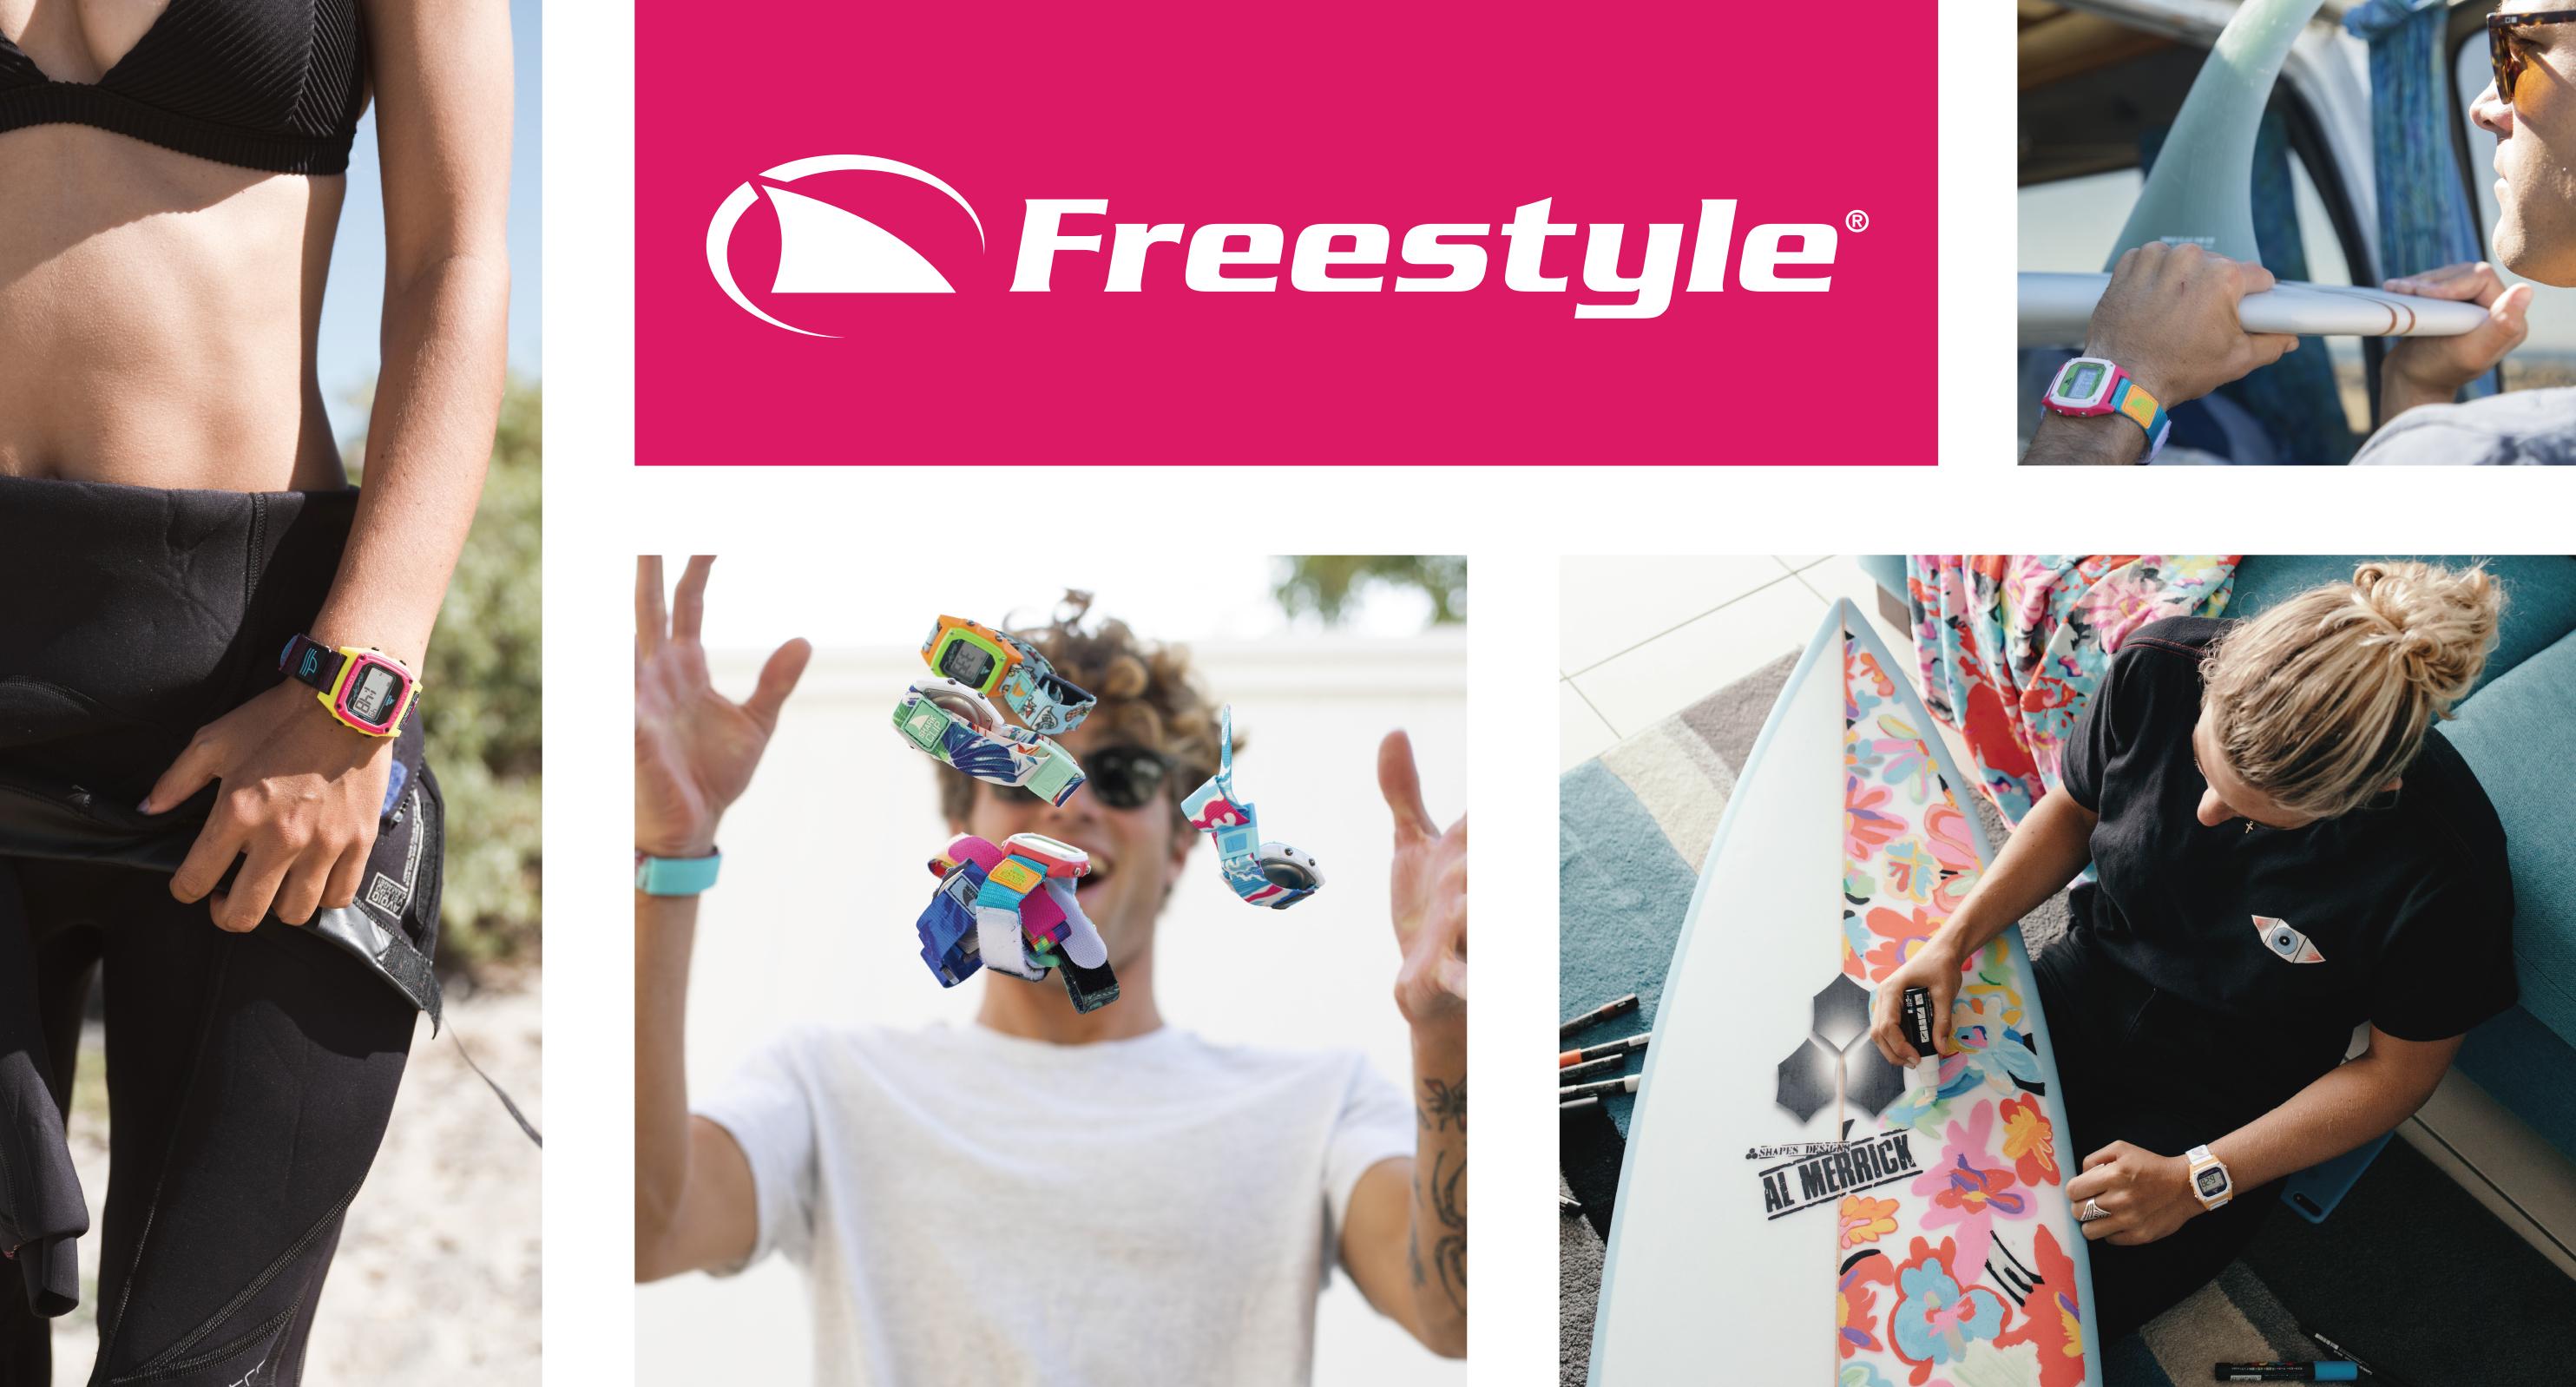 【Freestyle】伝説のサーファーズウォッチがリバイバル!! 人気モデル「SHARK」がさらに進化。 ムーブメント・デザインをリニューアルし新発売。